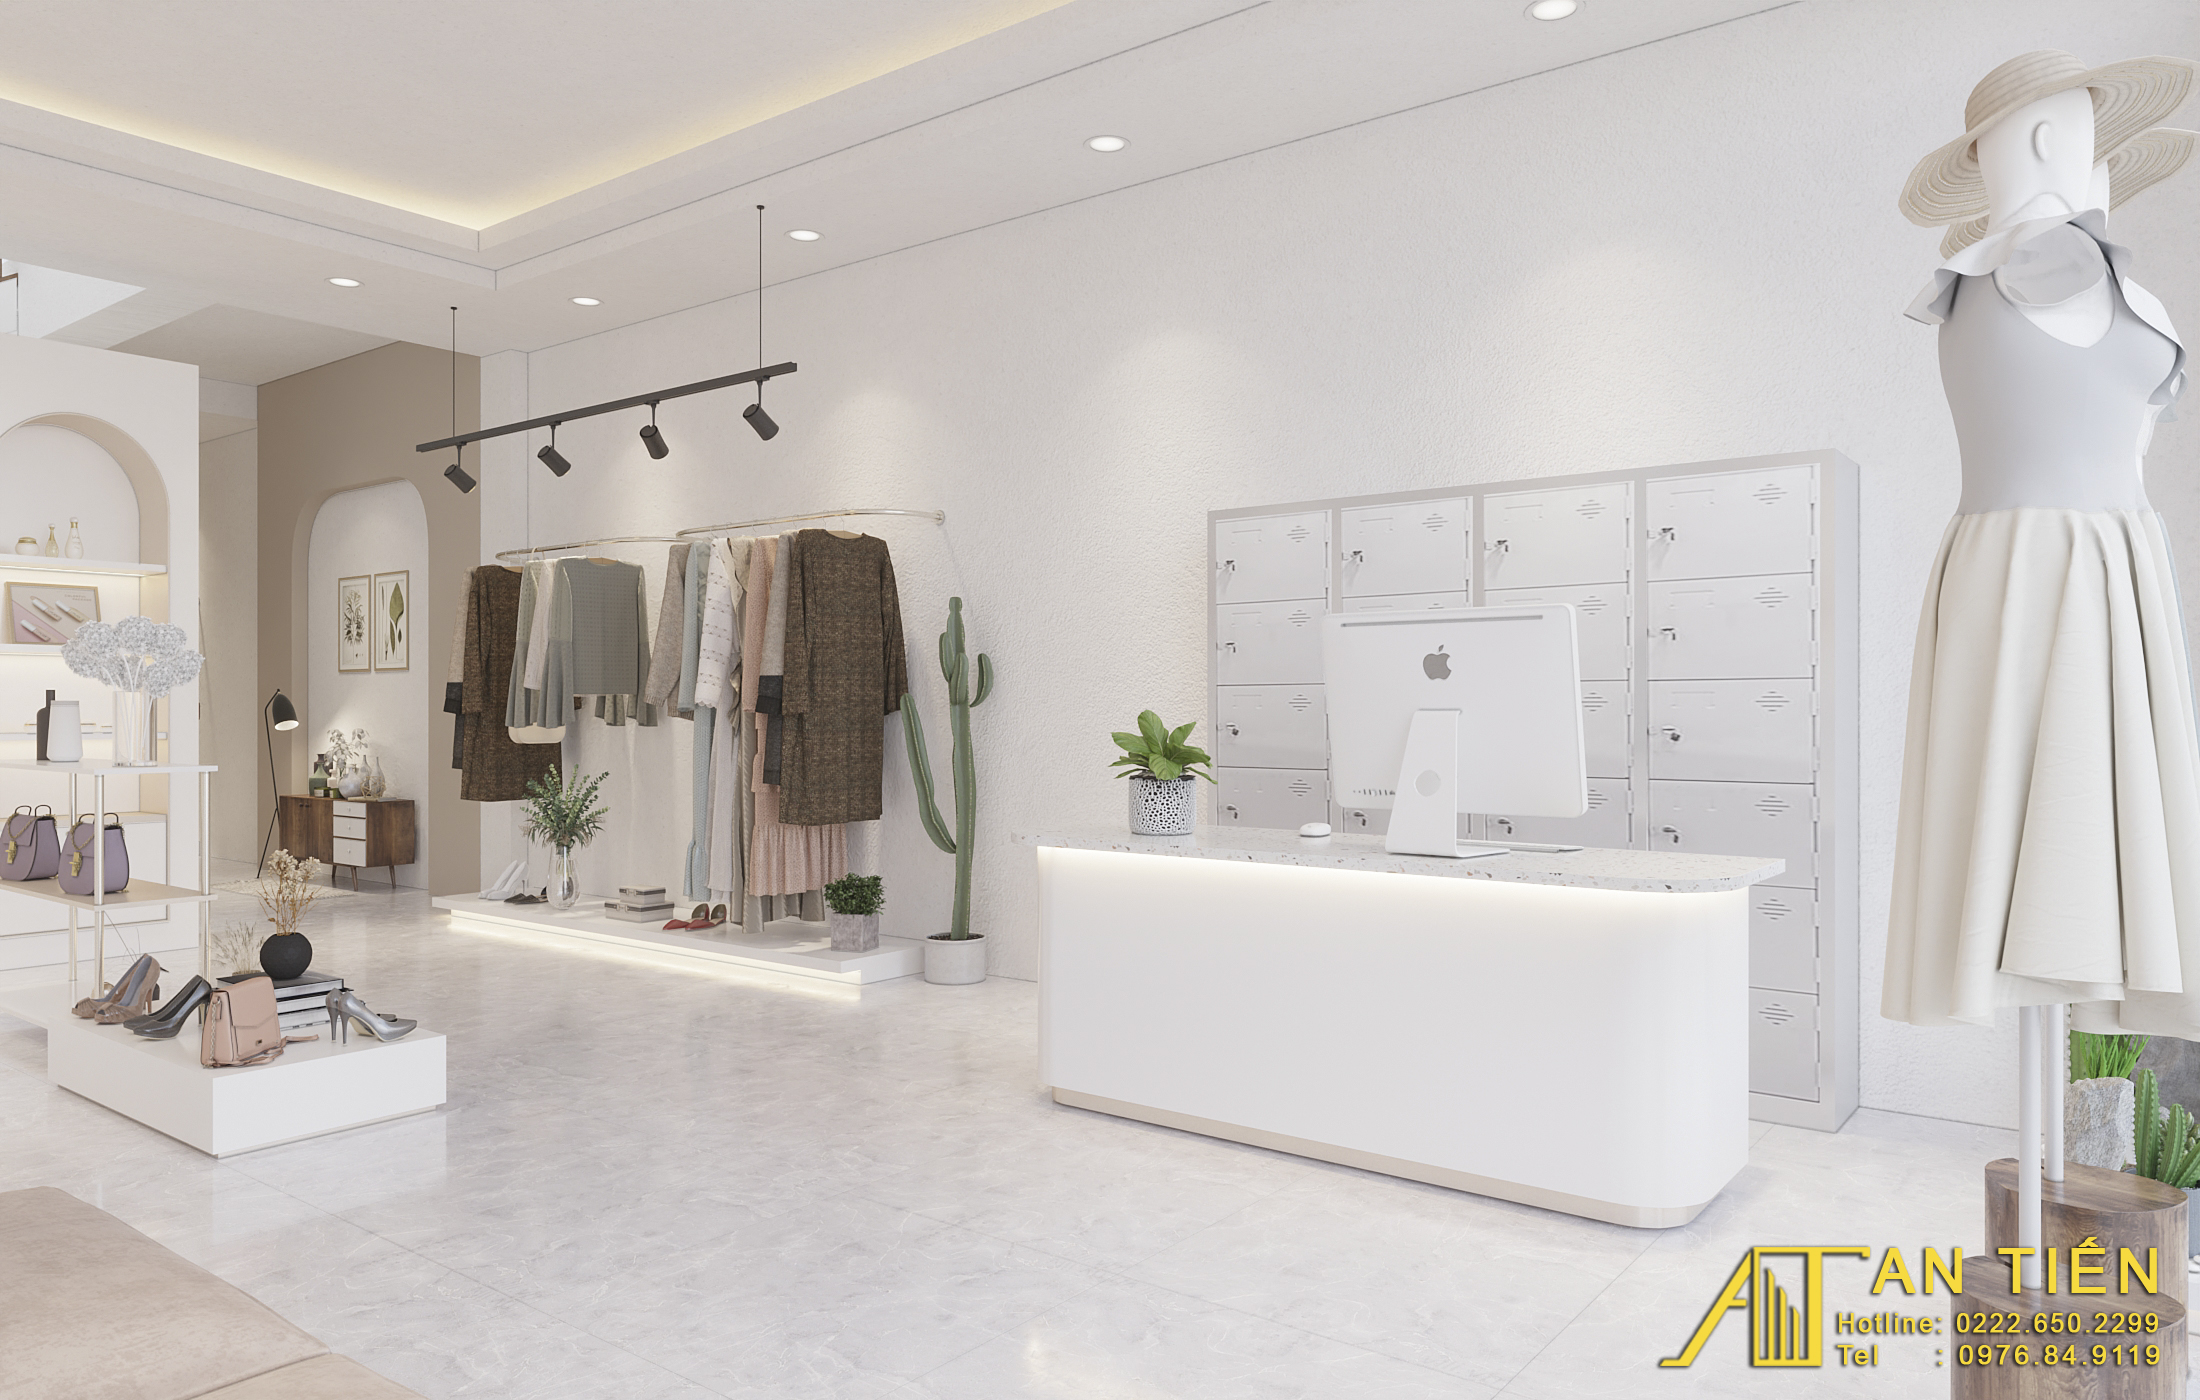 Thiết kế nội thất Shop tại Bắc Ninh Shop quần áo Bắc Ninh 1634097308 0